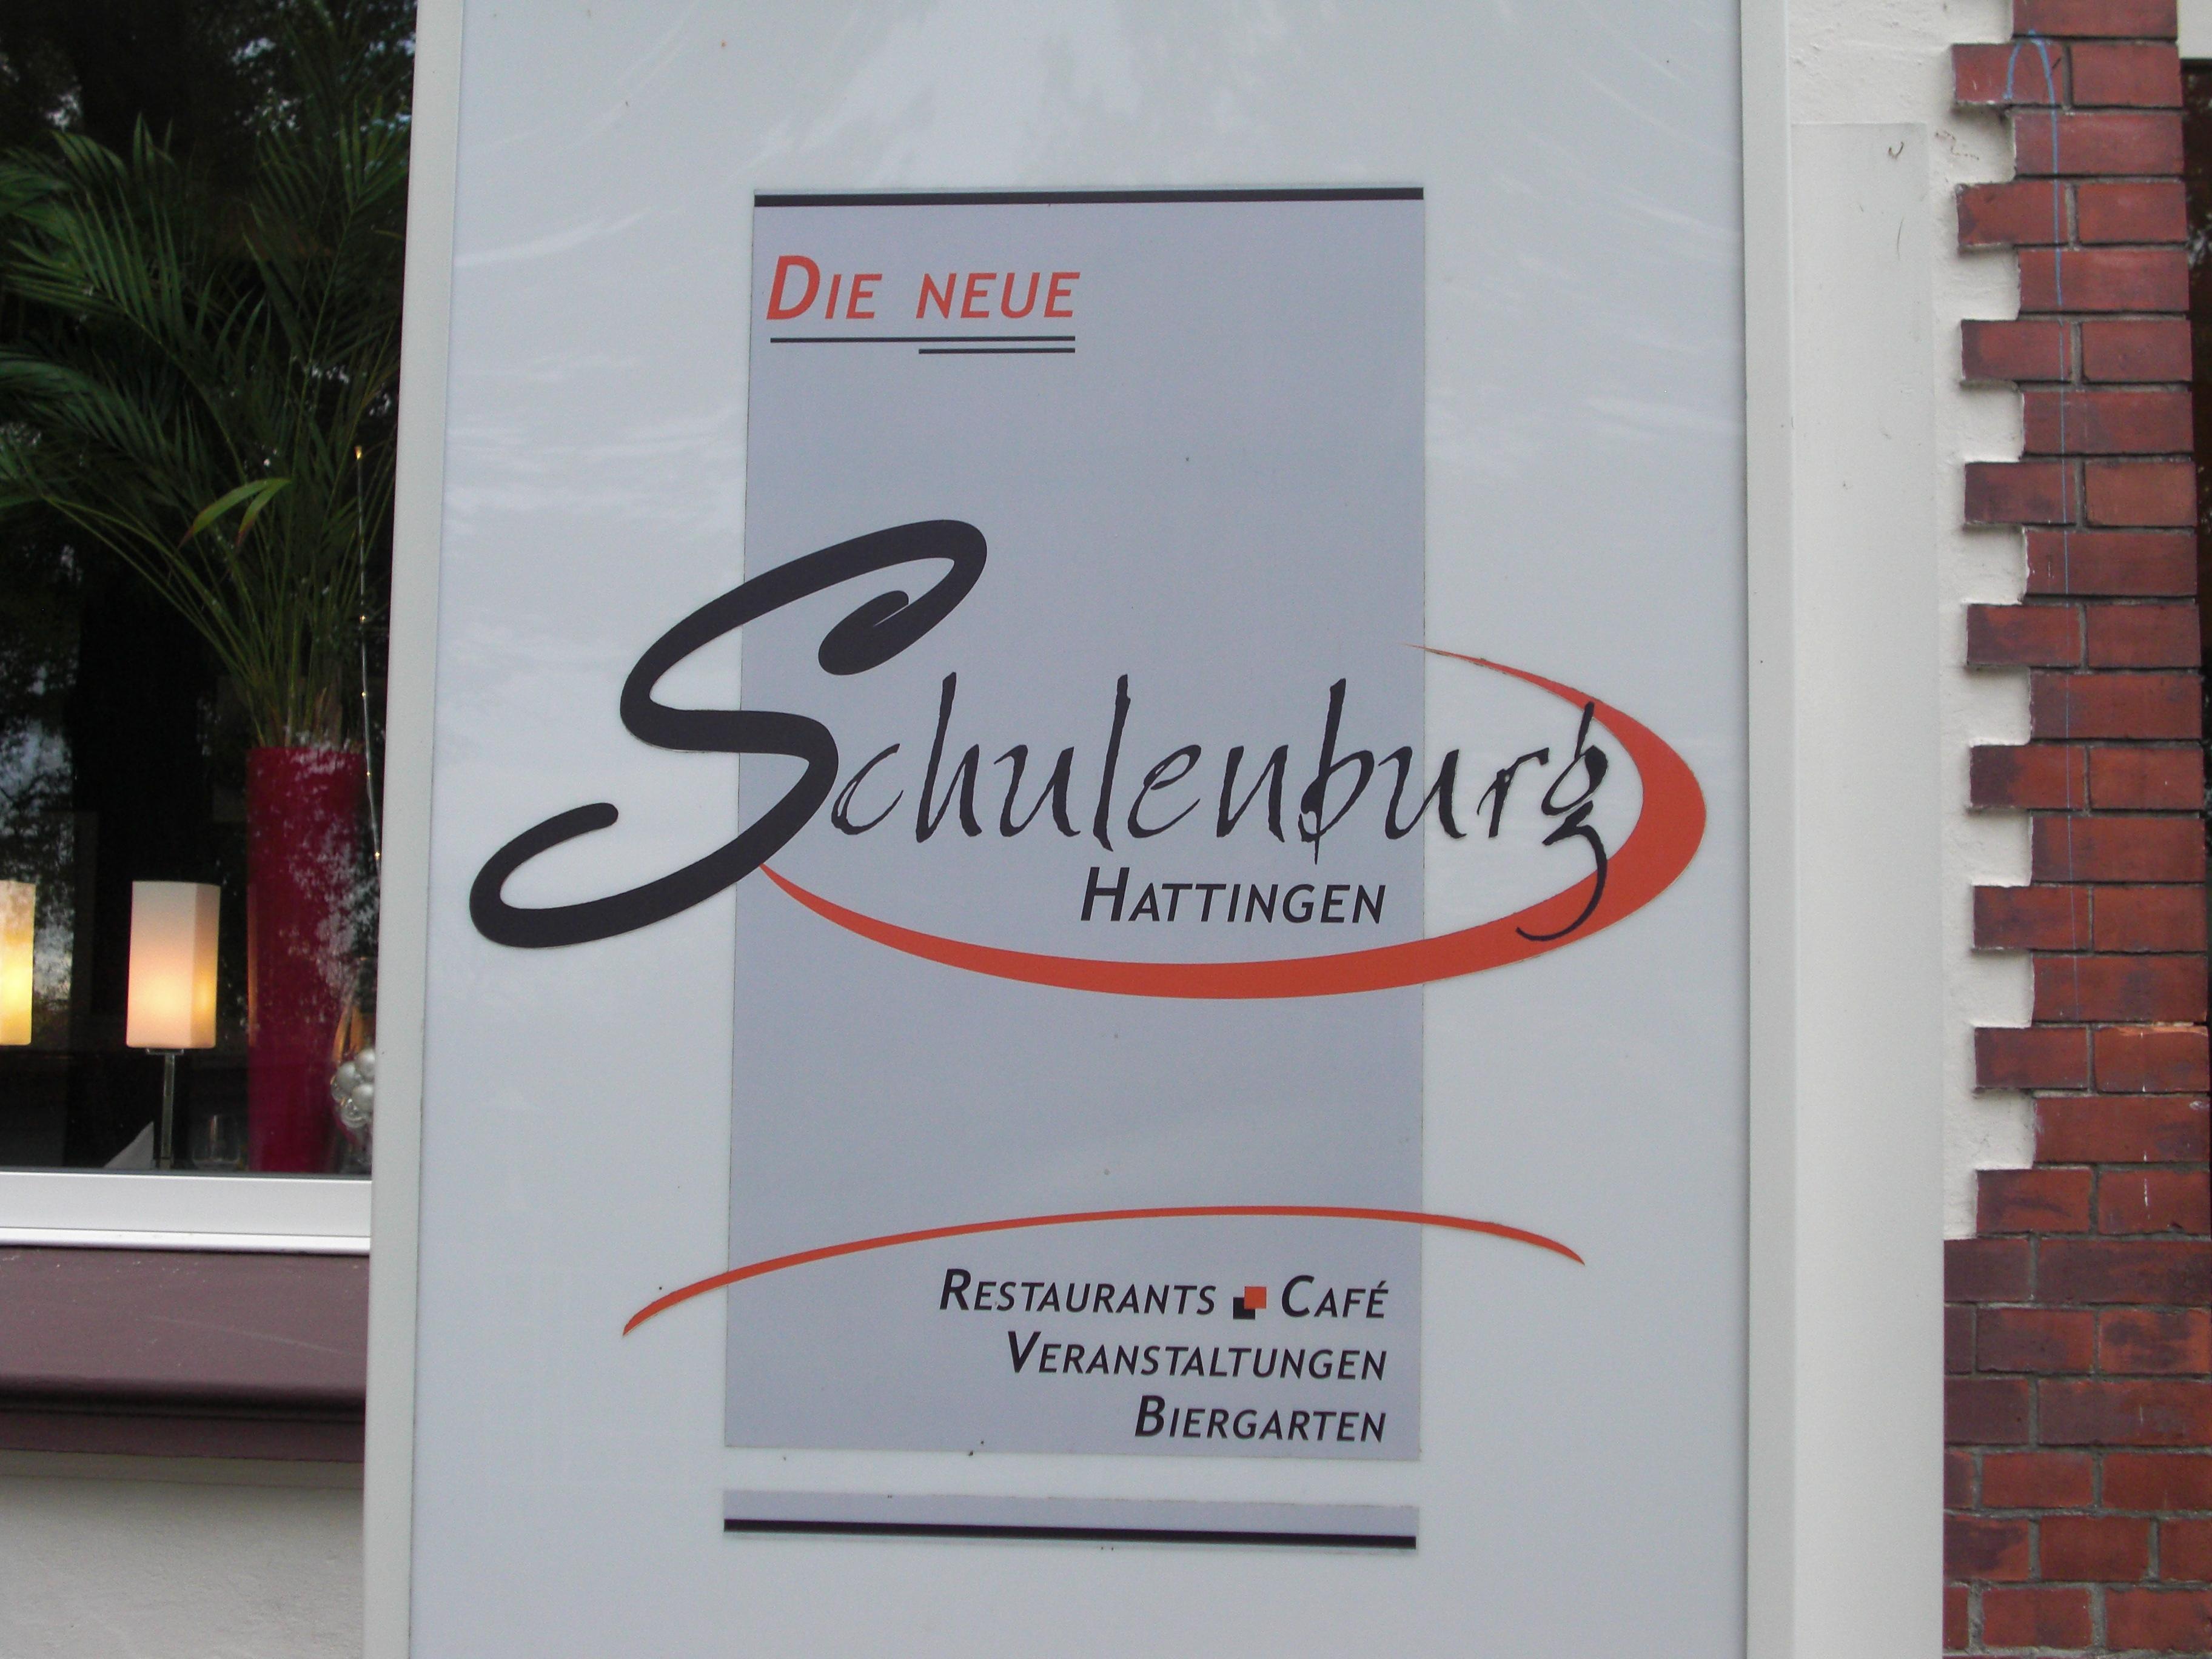 Die Neue Schulenburg 45525 Hattingen öffnungszeiten Adresse